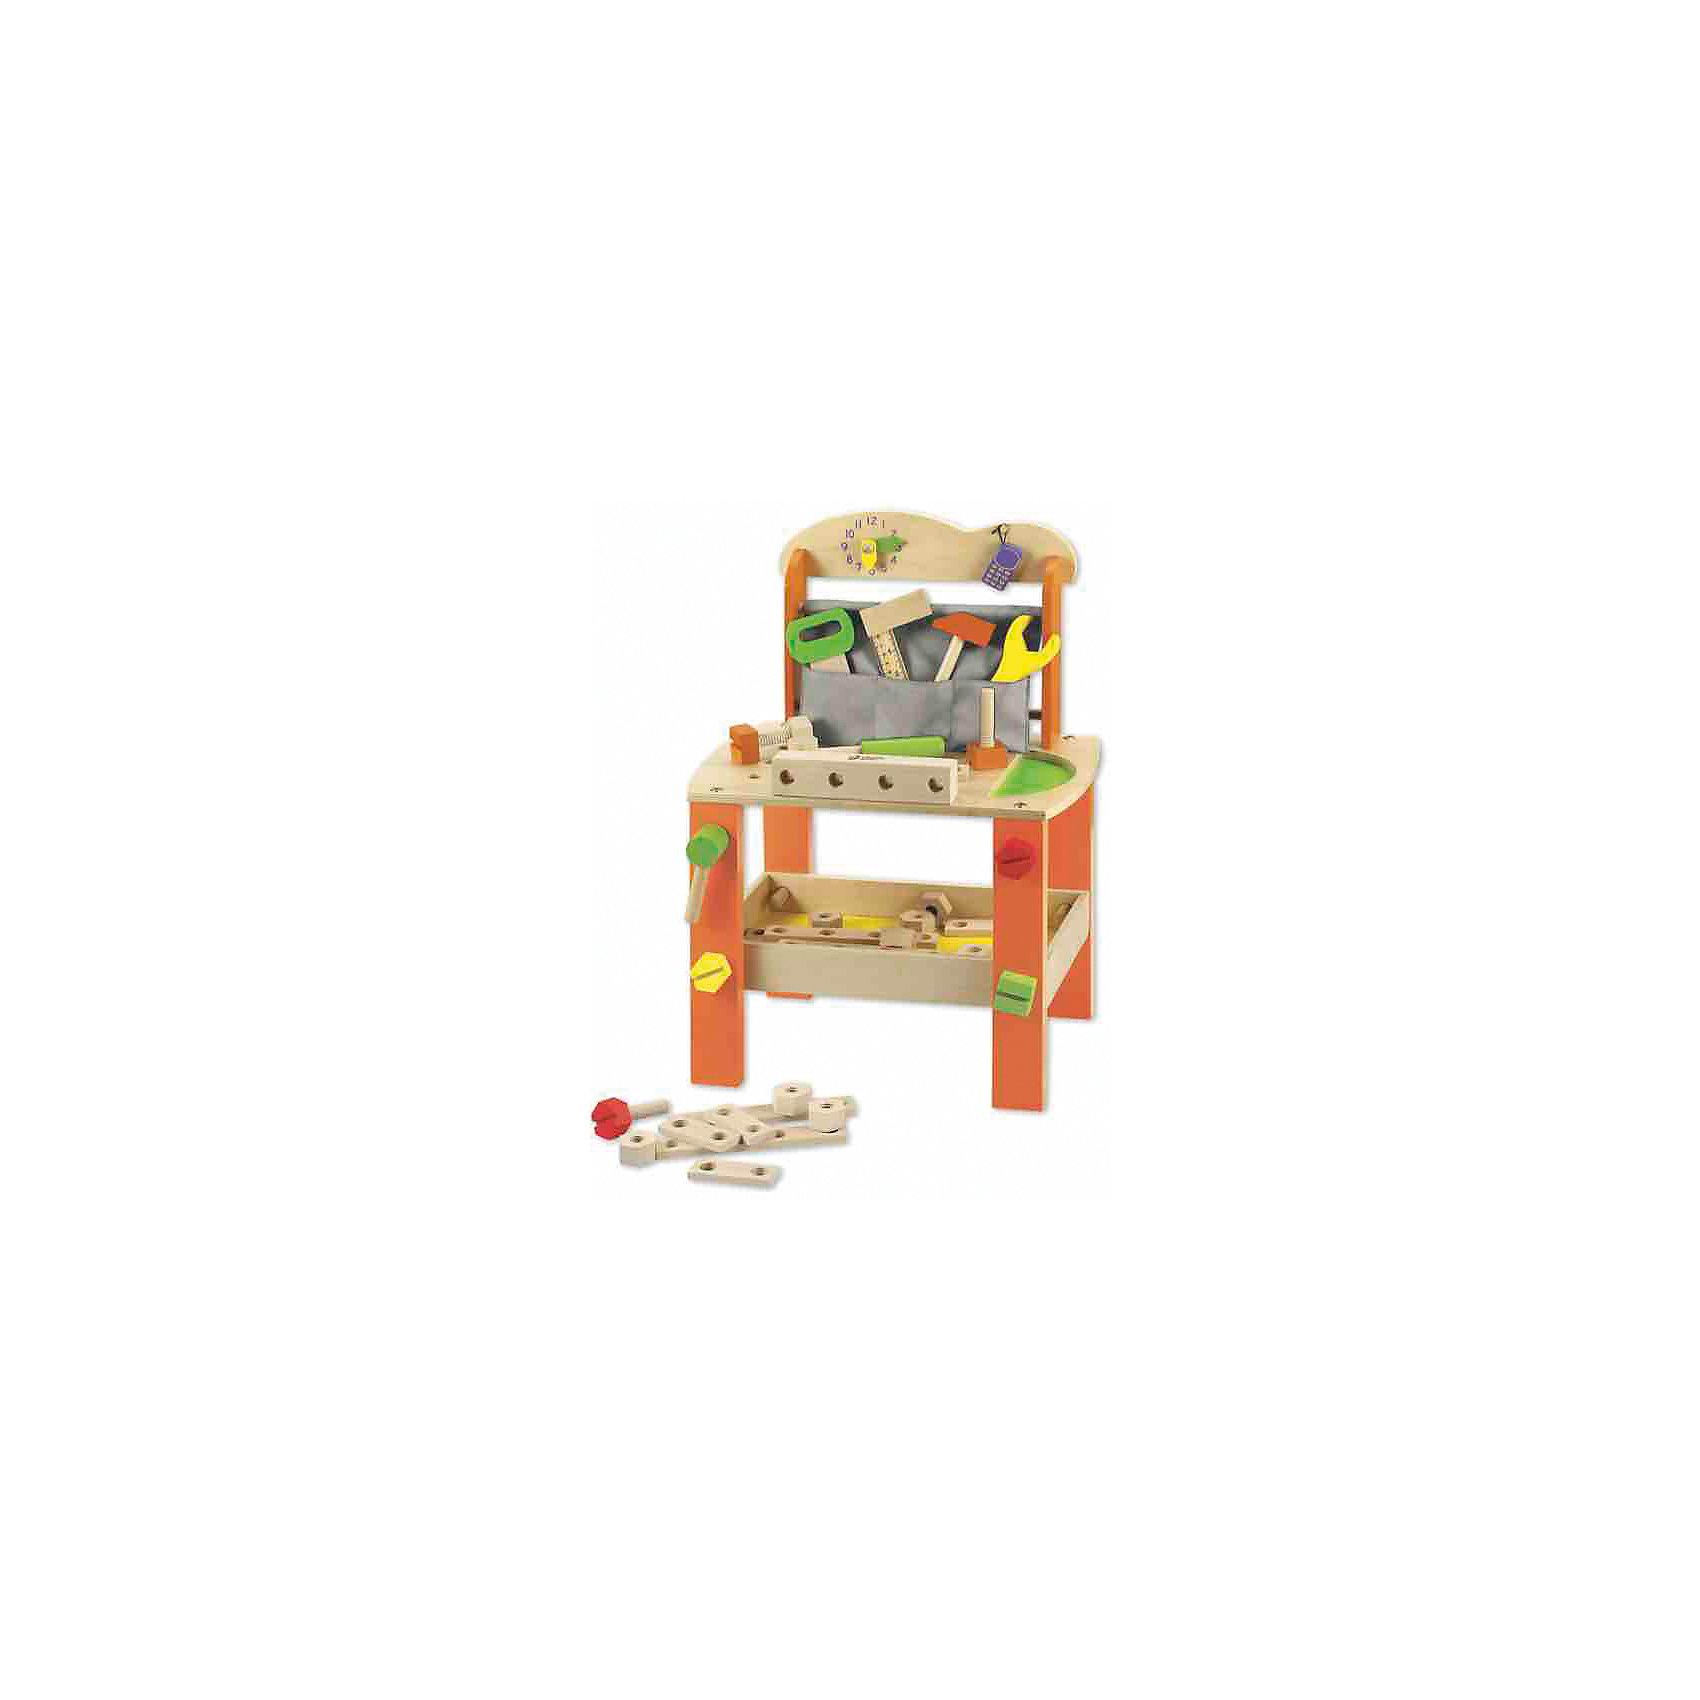 Игровои? стол из дерева с инструментами Набор столяра», Classic WorldМастерская и инструменты<br>Характеристики товара:<br><br>• возраст: от 3 лет;<br>• материал: дерево, пластик;<br>• в комплекте: столик, 37 предметов;<br>• размер стола: 56х40х30 см;<br>• размер упаковки: 43х29,5х14 см;<br>• вес упаковки: 2,74 кг;<br>• страна производитель: Китай.<br><br>Игровой стол с инструментами «Набор столяра» Classic World — настоящий столик с инструментами для начинающего юного плотника. На рабочей поверхности маленький плотник будет работать, делая из деревянных элементов разнообразные фигурки.<br><br>Для хранения инструментов предусмотрен кармашек и полочка. На стенке часы, которые приучат ребенка к соблюдению распорядка дня. В процессе игры у ребенка развиваются логическое мышление, мелкая моторика рук, воображение, память, аккуратность, внимательность.<br><br>Все детали выполнены из качественного натурального дерева и хорошо отшлифованы. При изготовлении использовались безопасные краски.<br><br>Игровой стол с инструментами «Набор столяра» Classic World можно приобрести в нашем интернет-магазине.<br><br>Ширина мм: 415<br>Глубина мм: 290<br>Высота мм: 135<br>Вес г: 3000<br>Возраст от месяцев: 36<br>Возраст до месяцев: 2147483647<br>Пол: Мужской<br>Возраст: Детский<br>SKU: 6844320